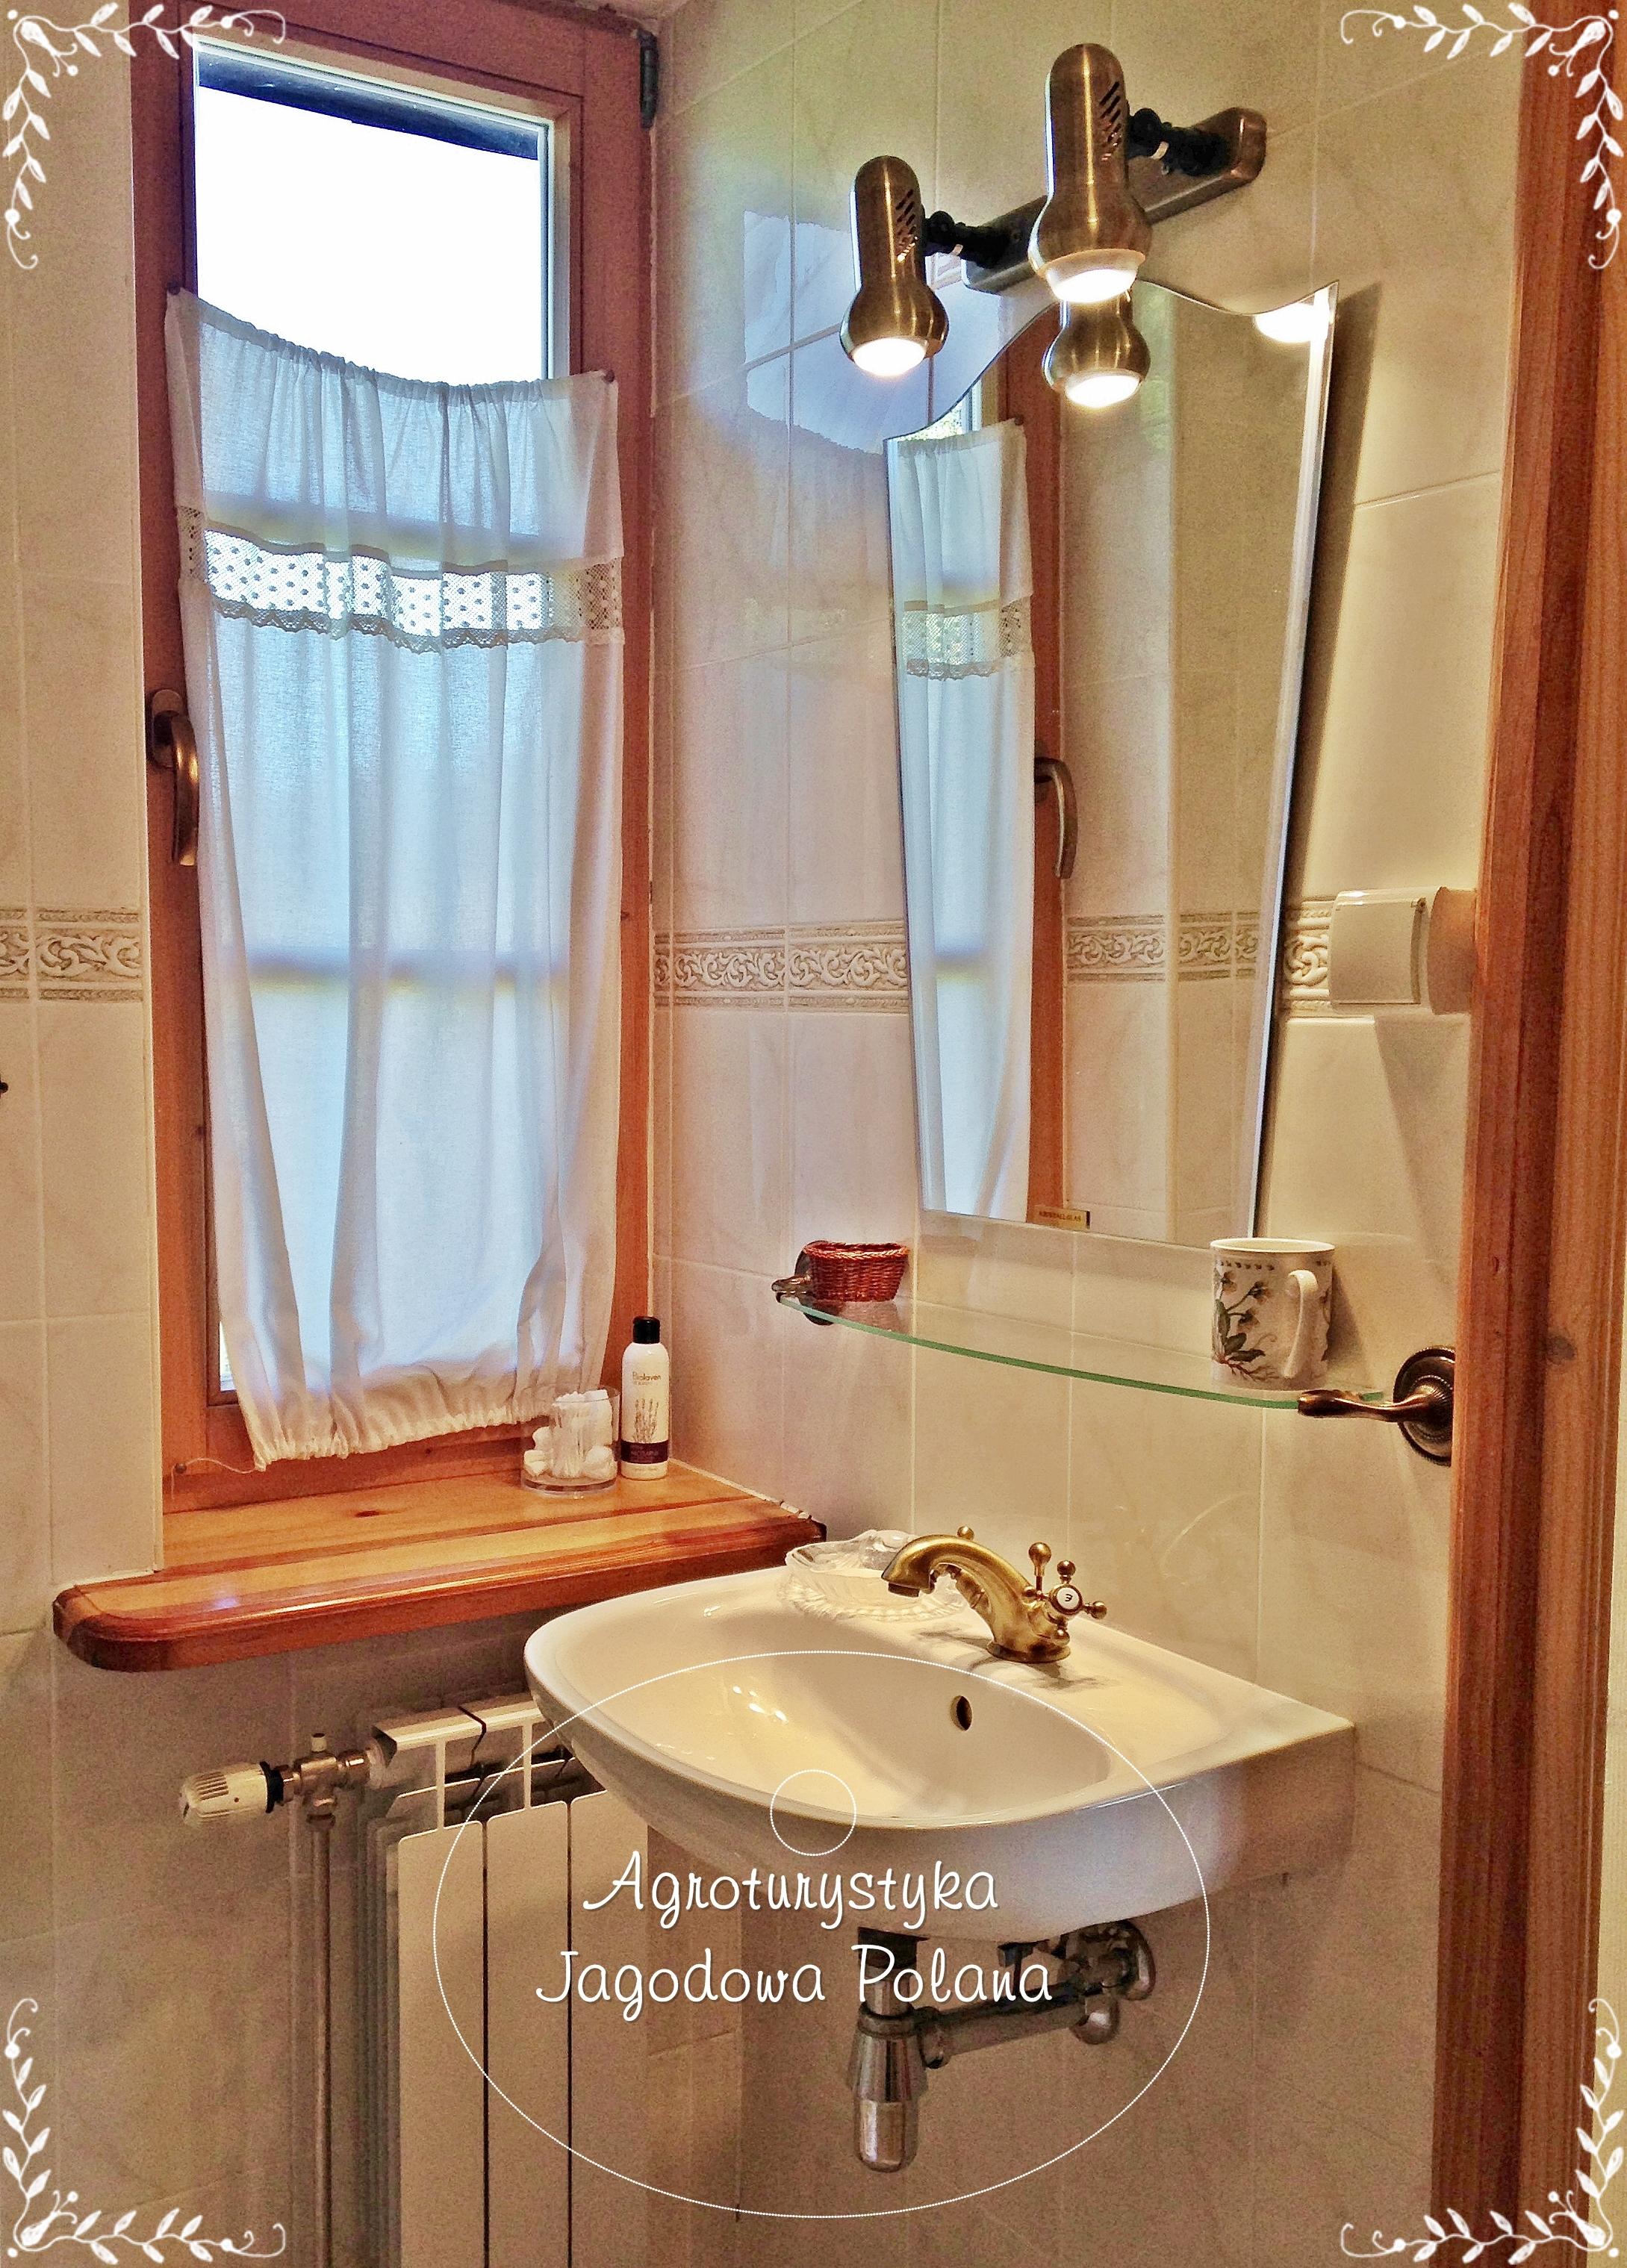 łazienka sypialni myśliwskiej